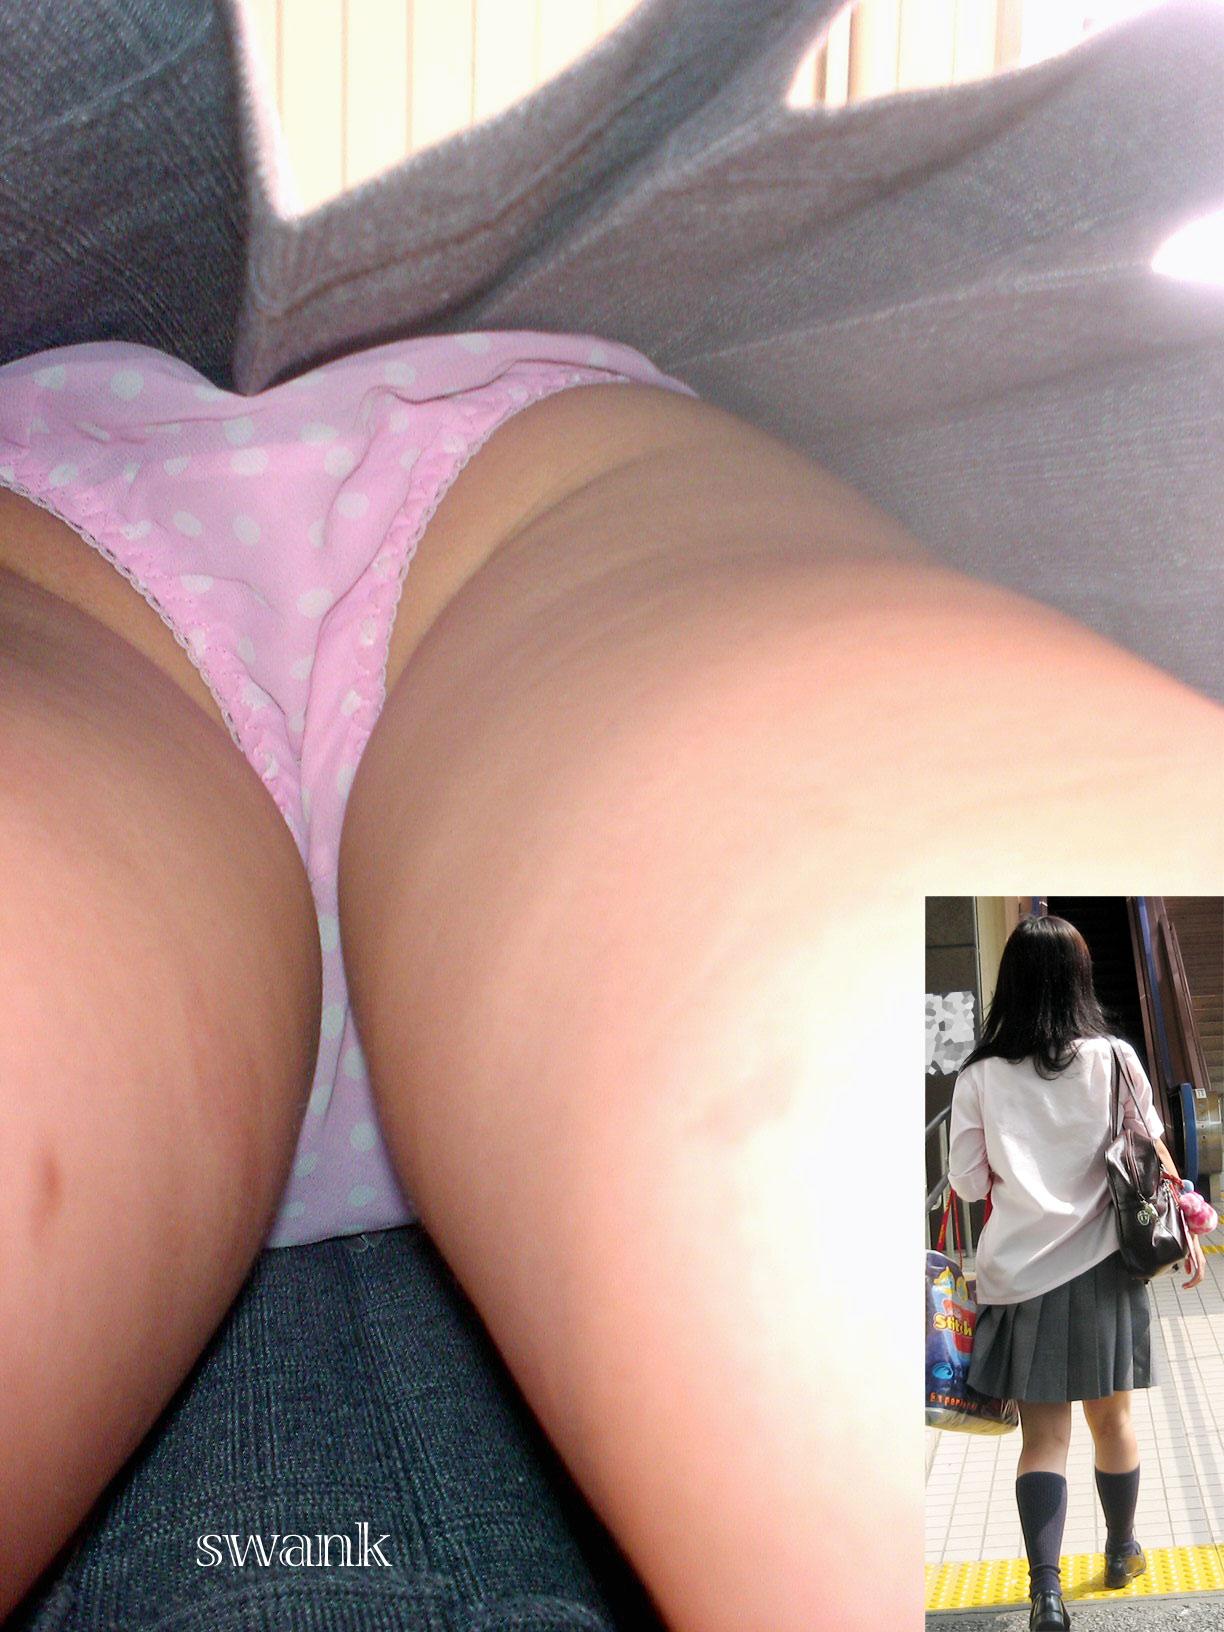 【パンチラエロ画像】お尻の色も目立つ原因wド派手パンツな女子の逆さ撮りwww 04